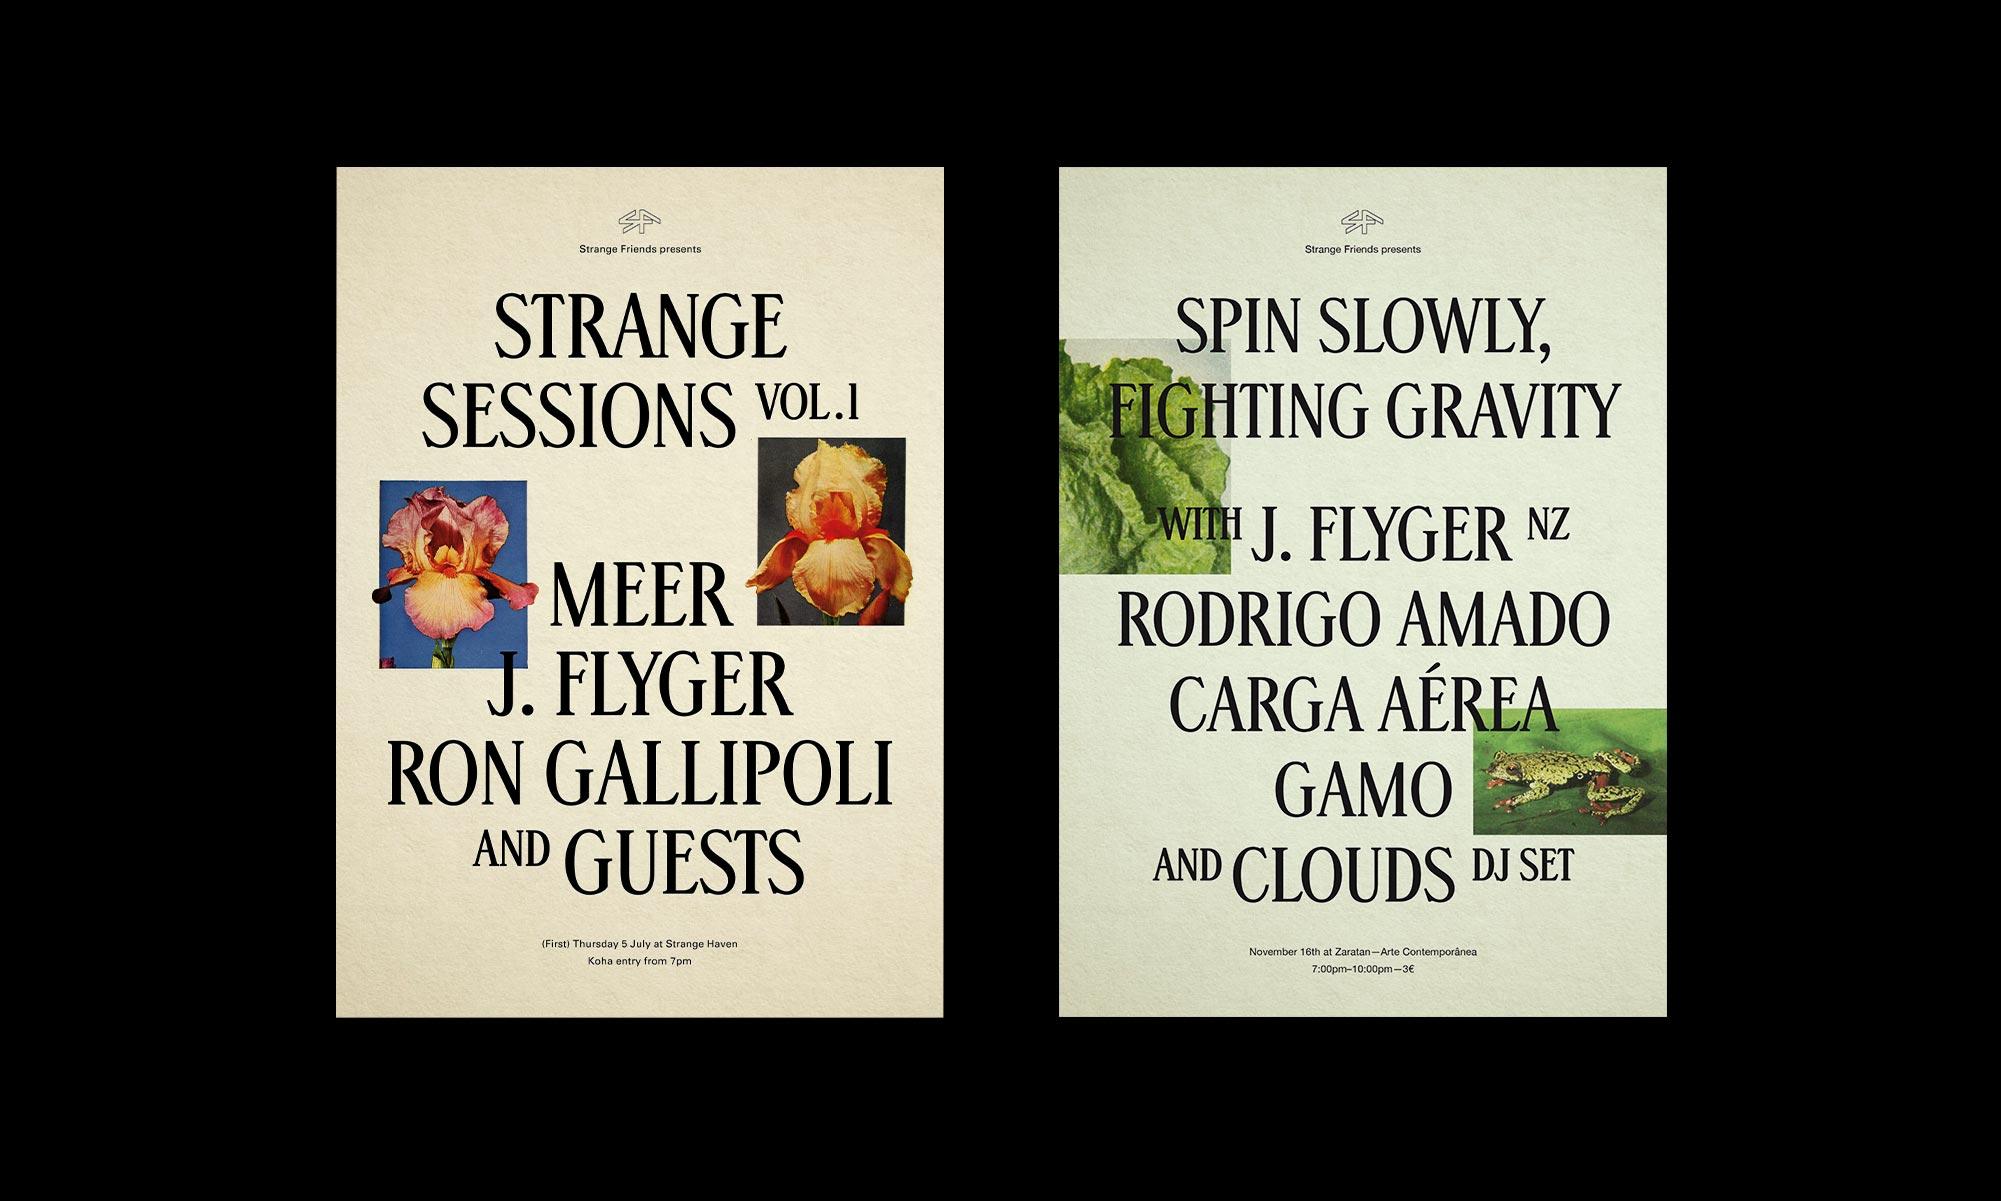 SF-posters.jpg